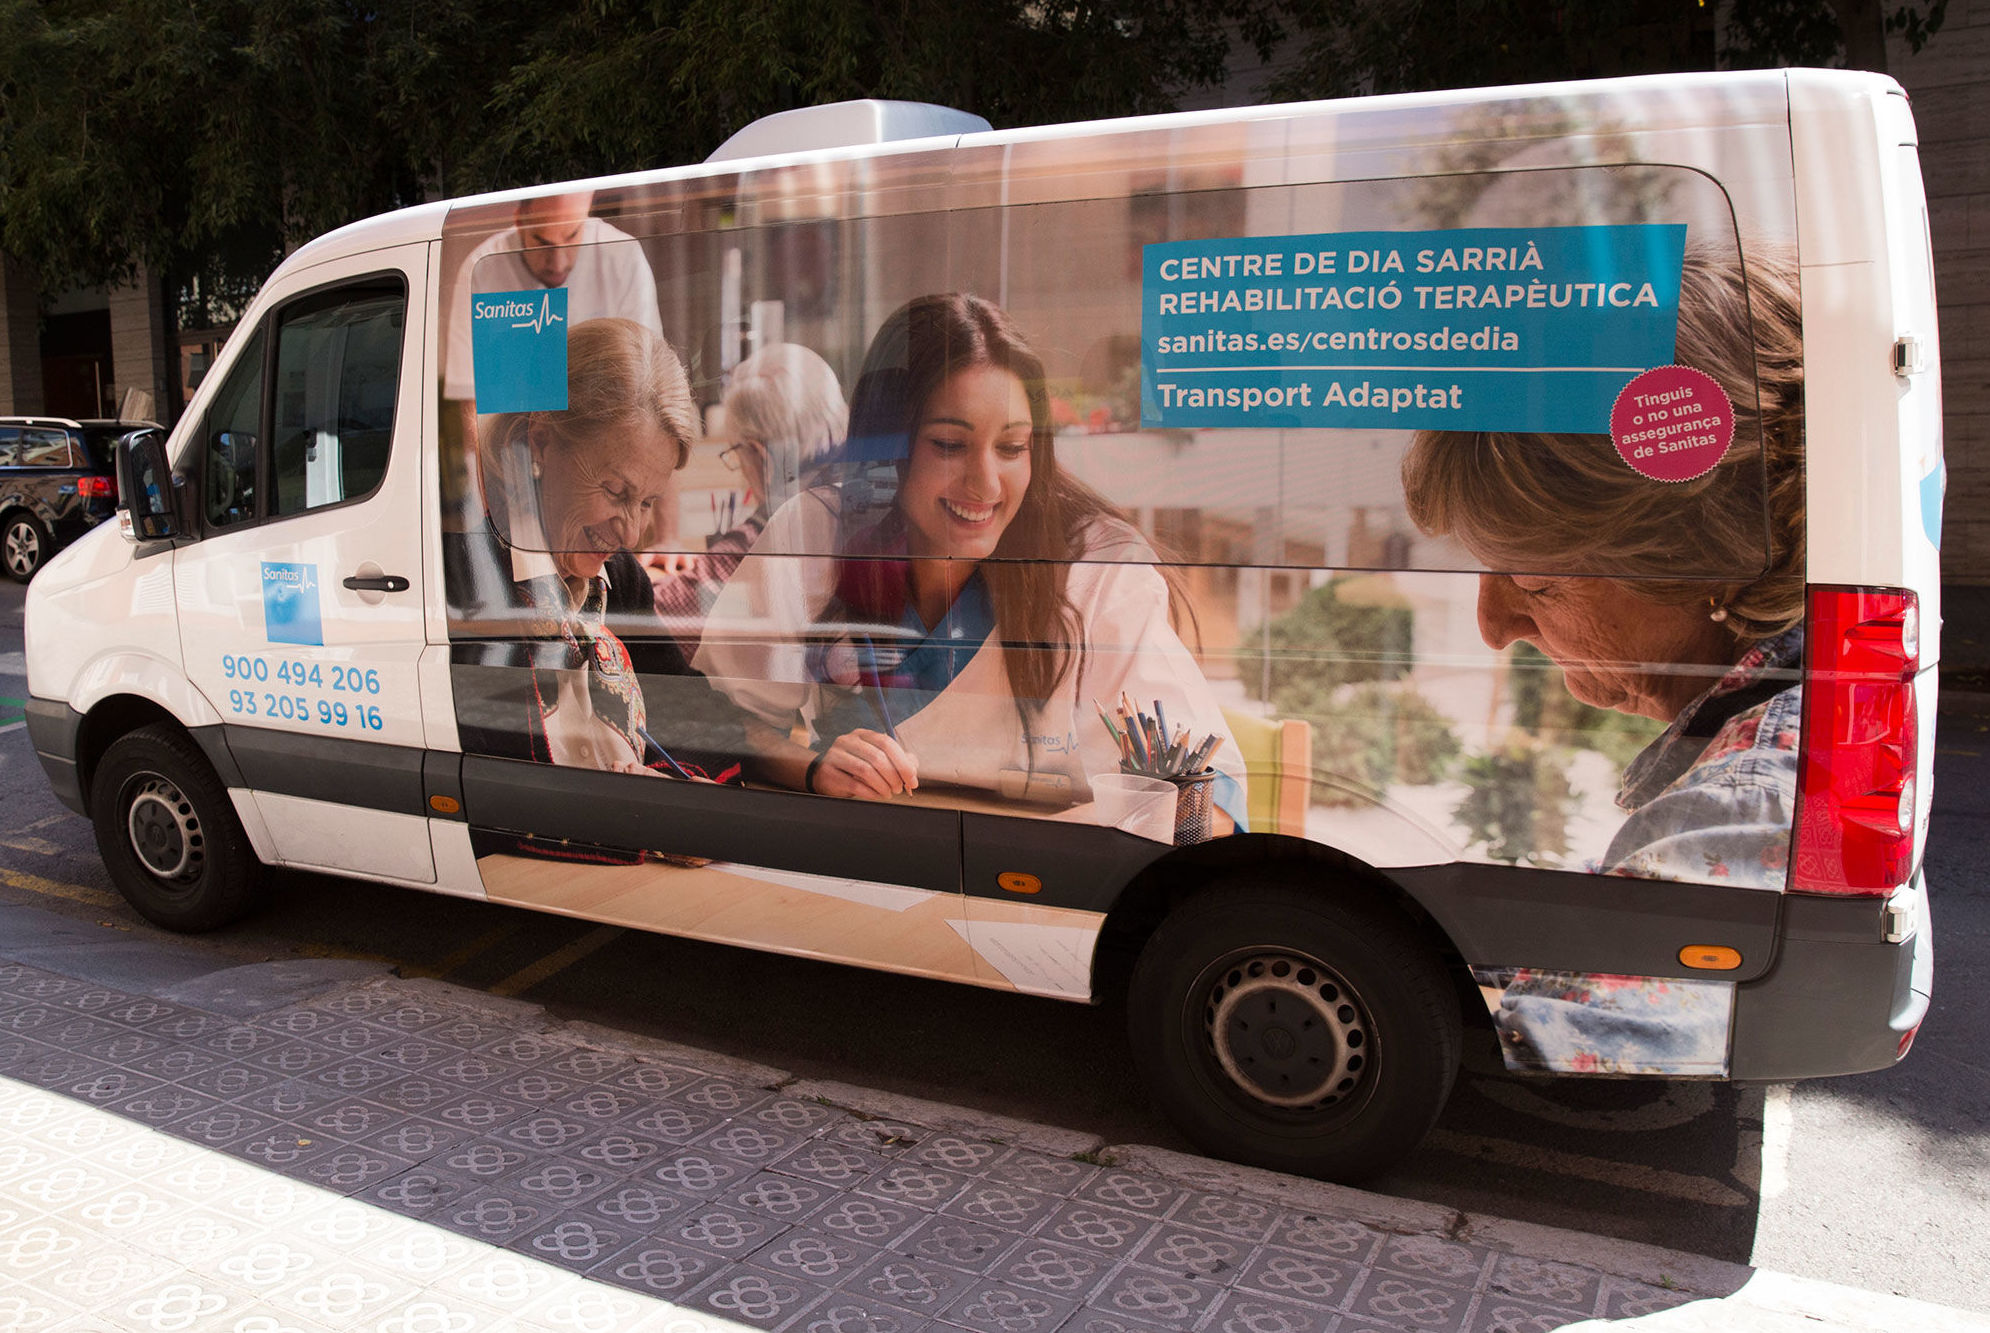 Excursiones: Actividades de Centro de Día Sarrià Barcelona